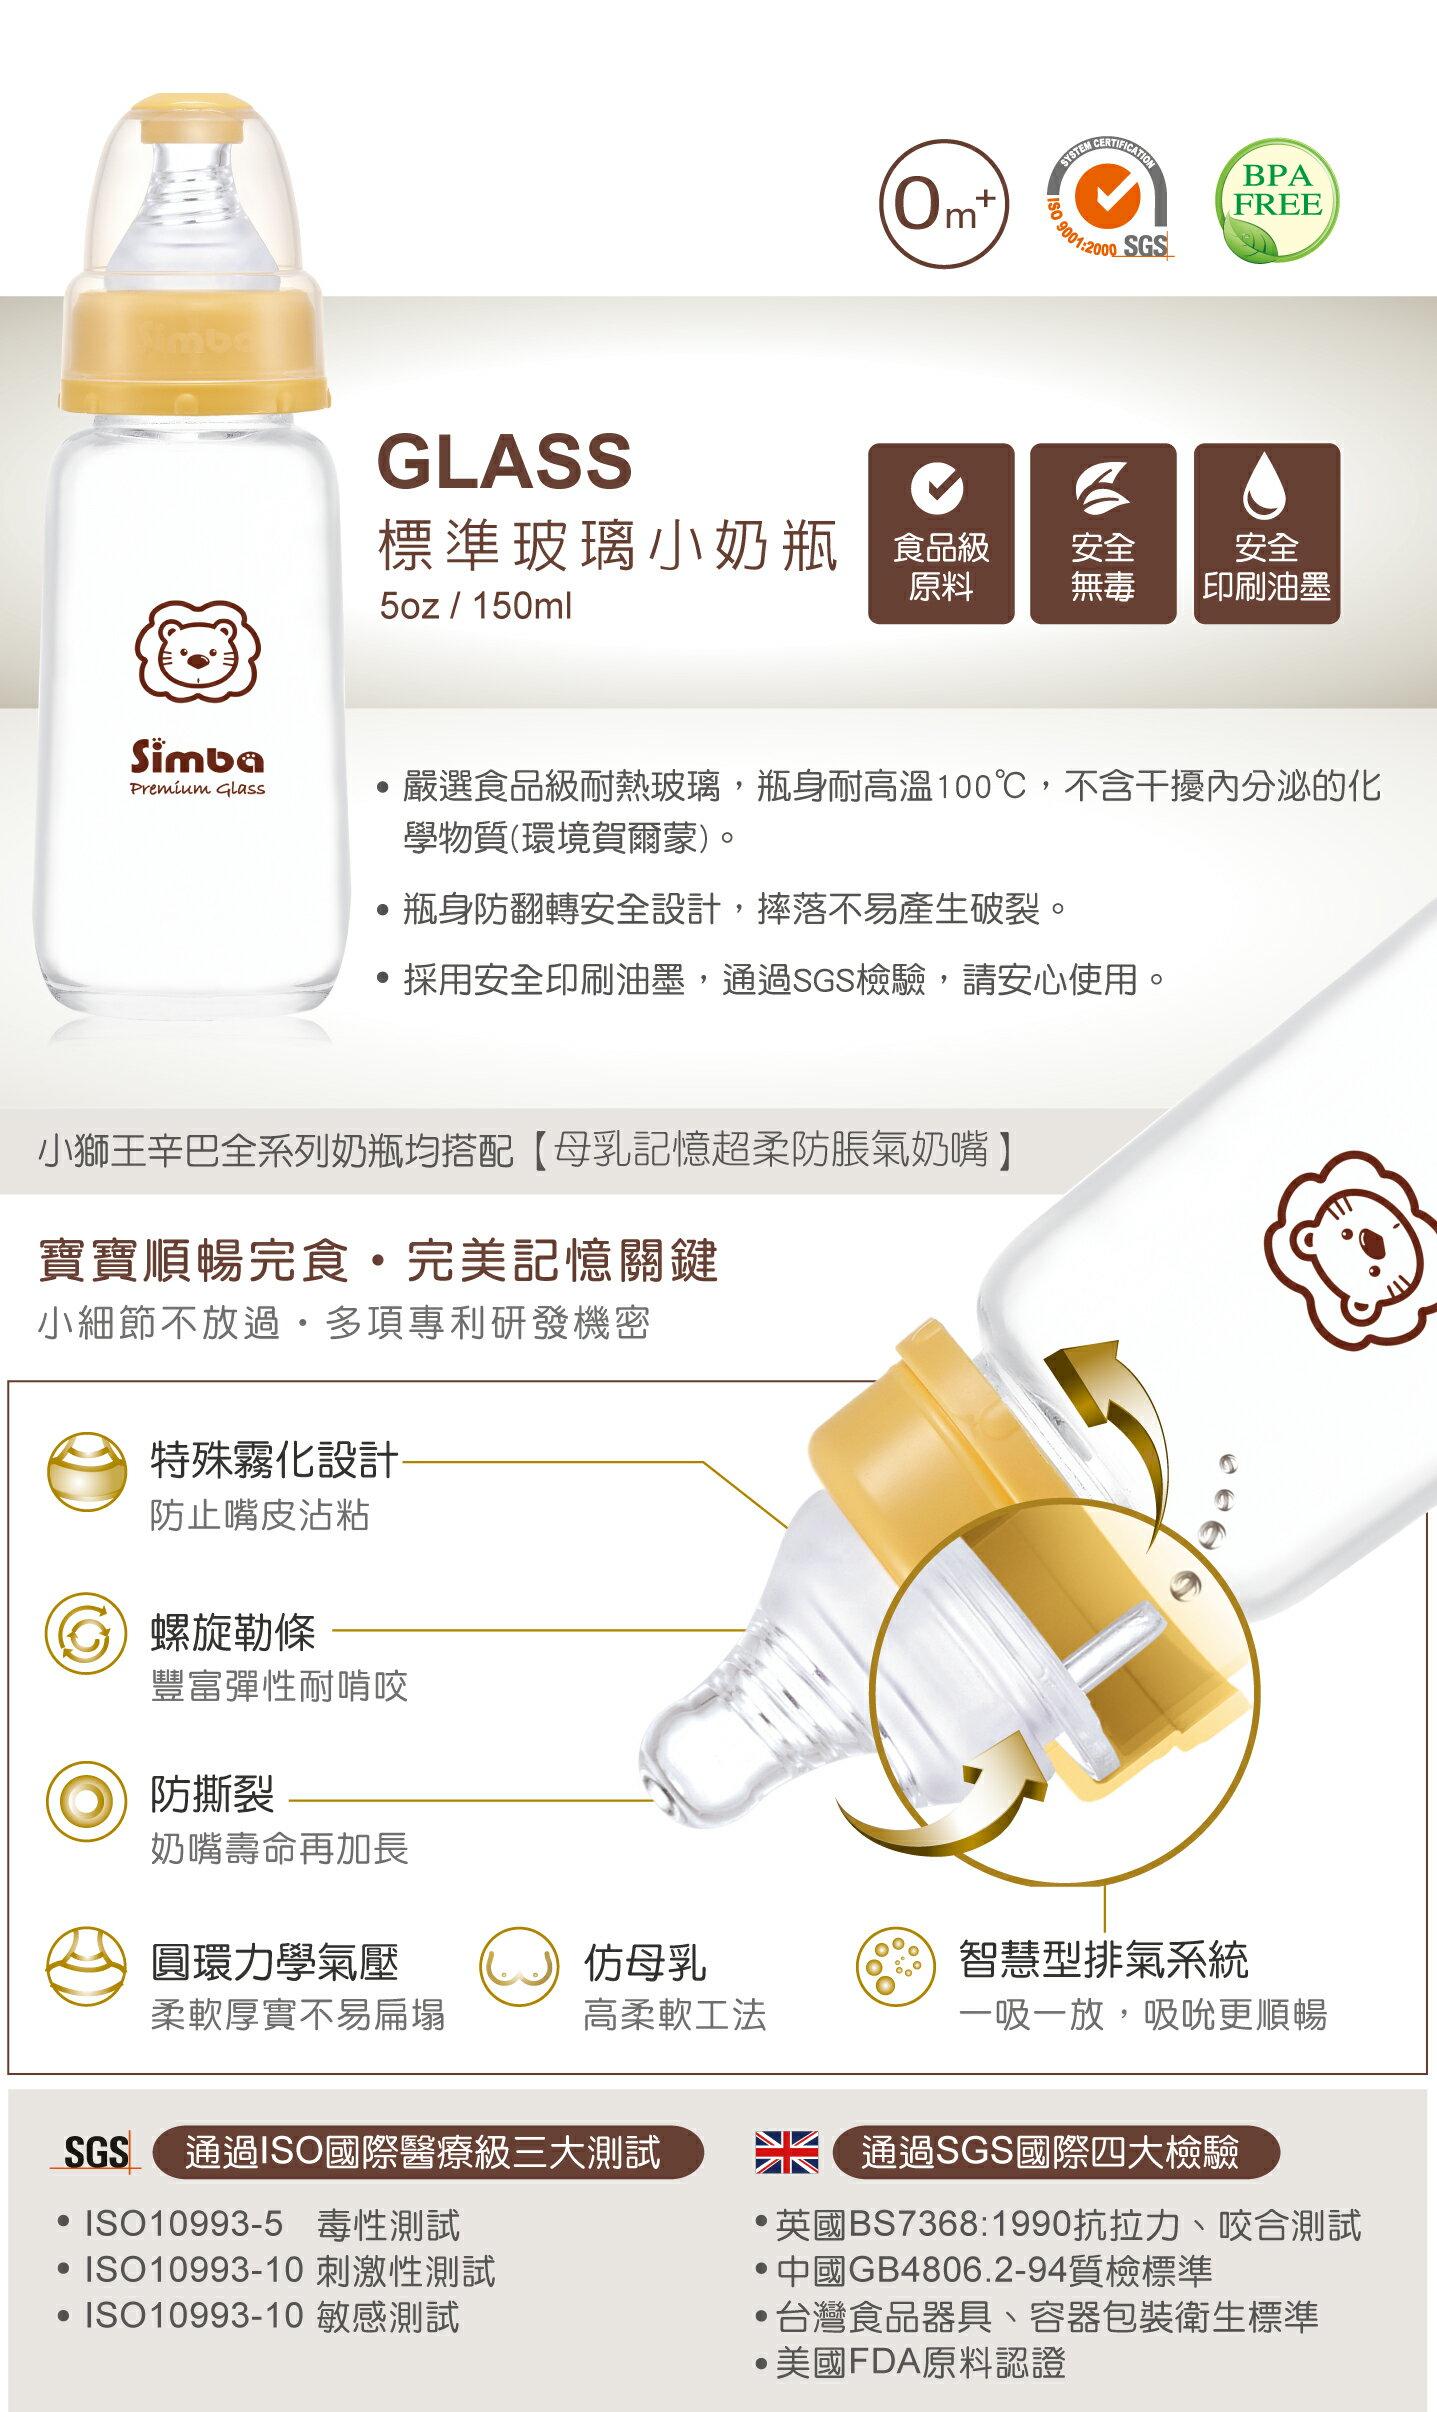 『121婦嬰用品館』辛巴 標準玻璃小奶瓶 150ml 4